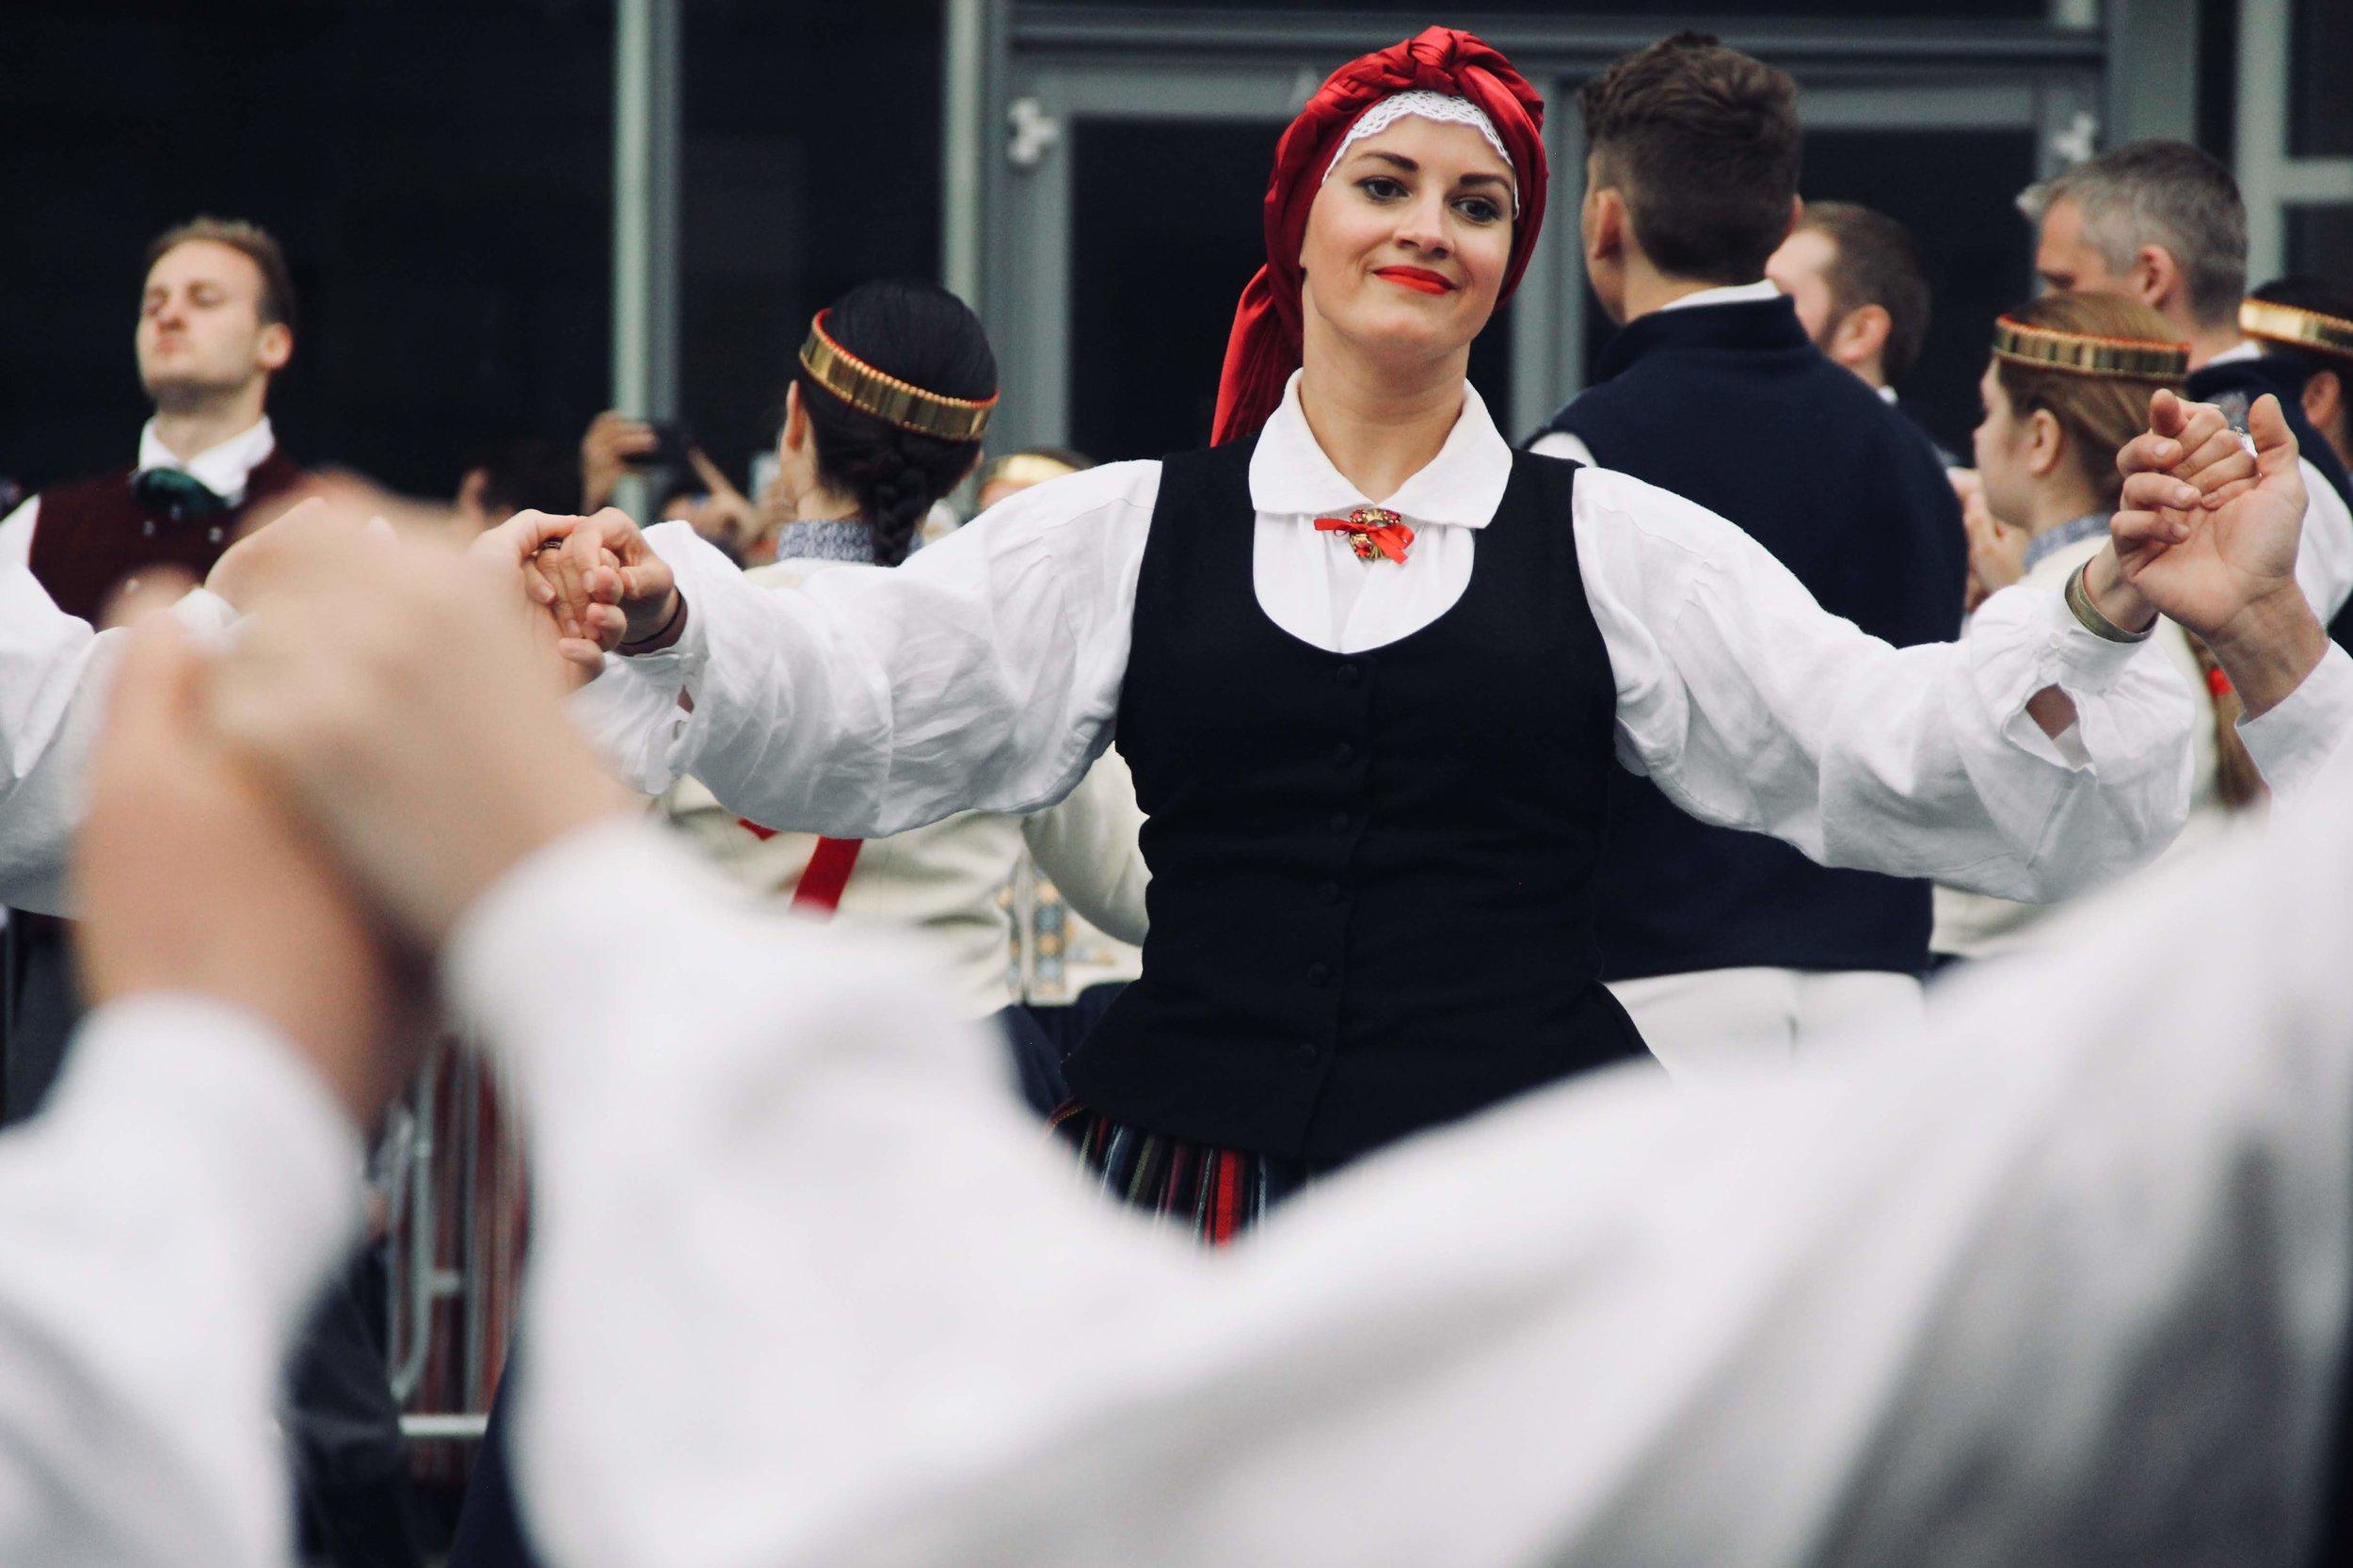 DancingWomanHands.jpg